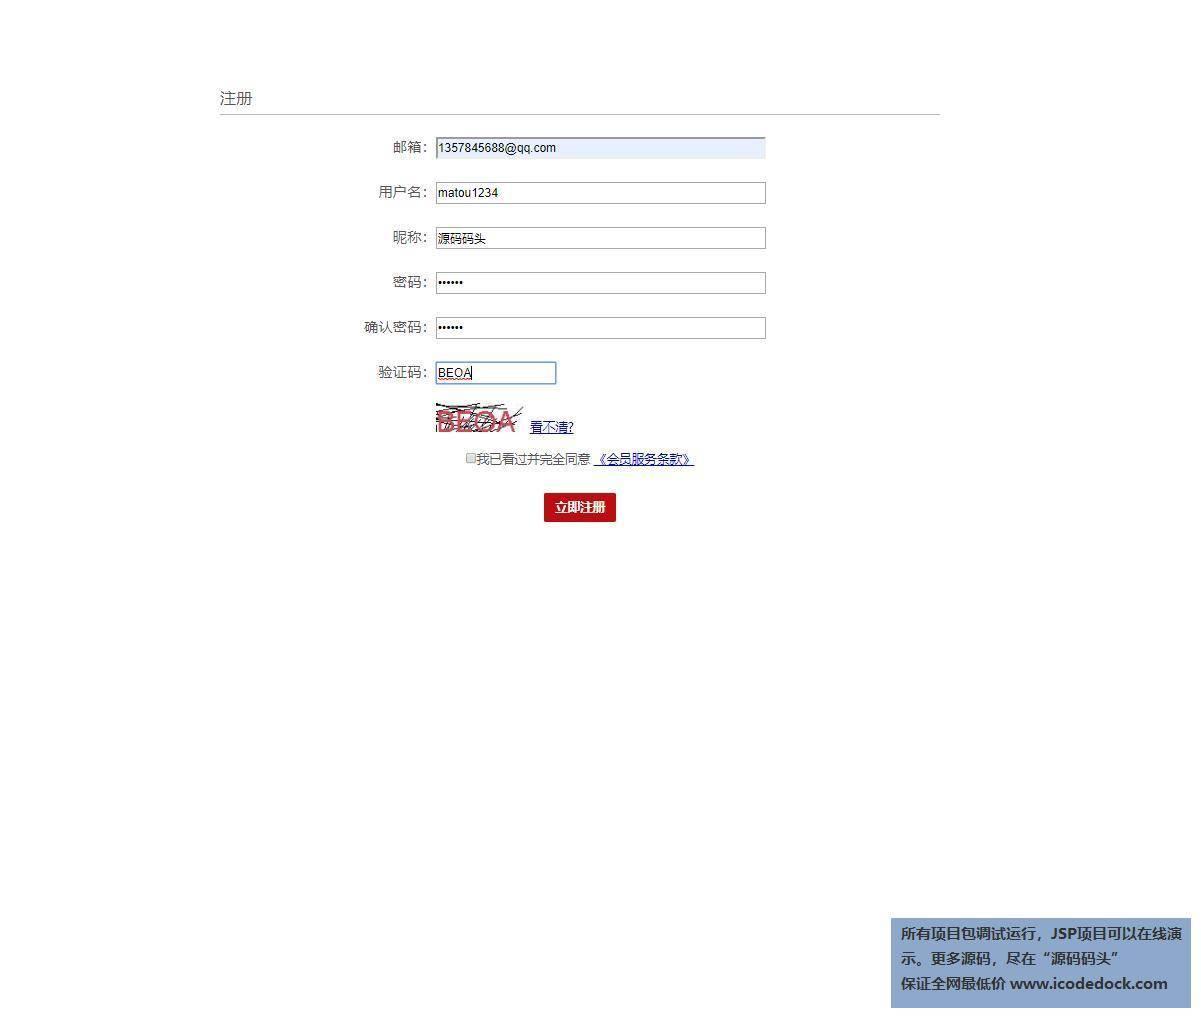 源码码头-JSP小说网-用户角色-用户注册